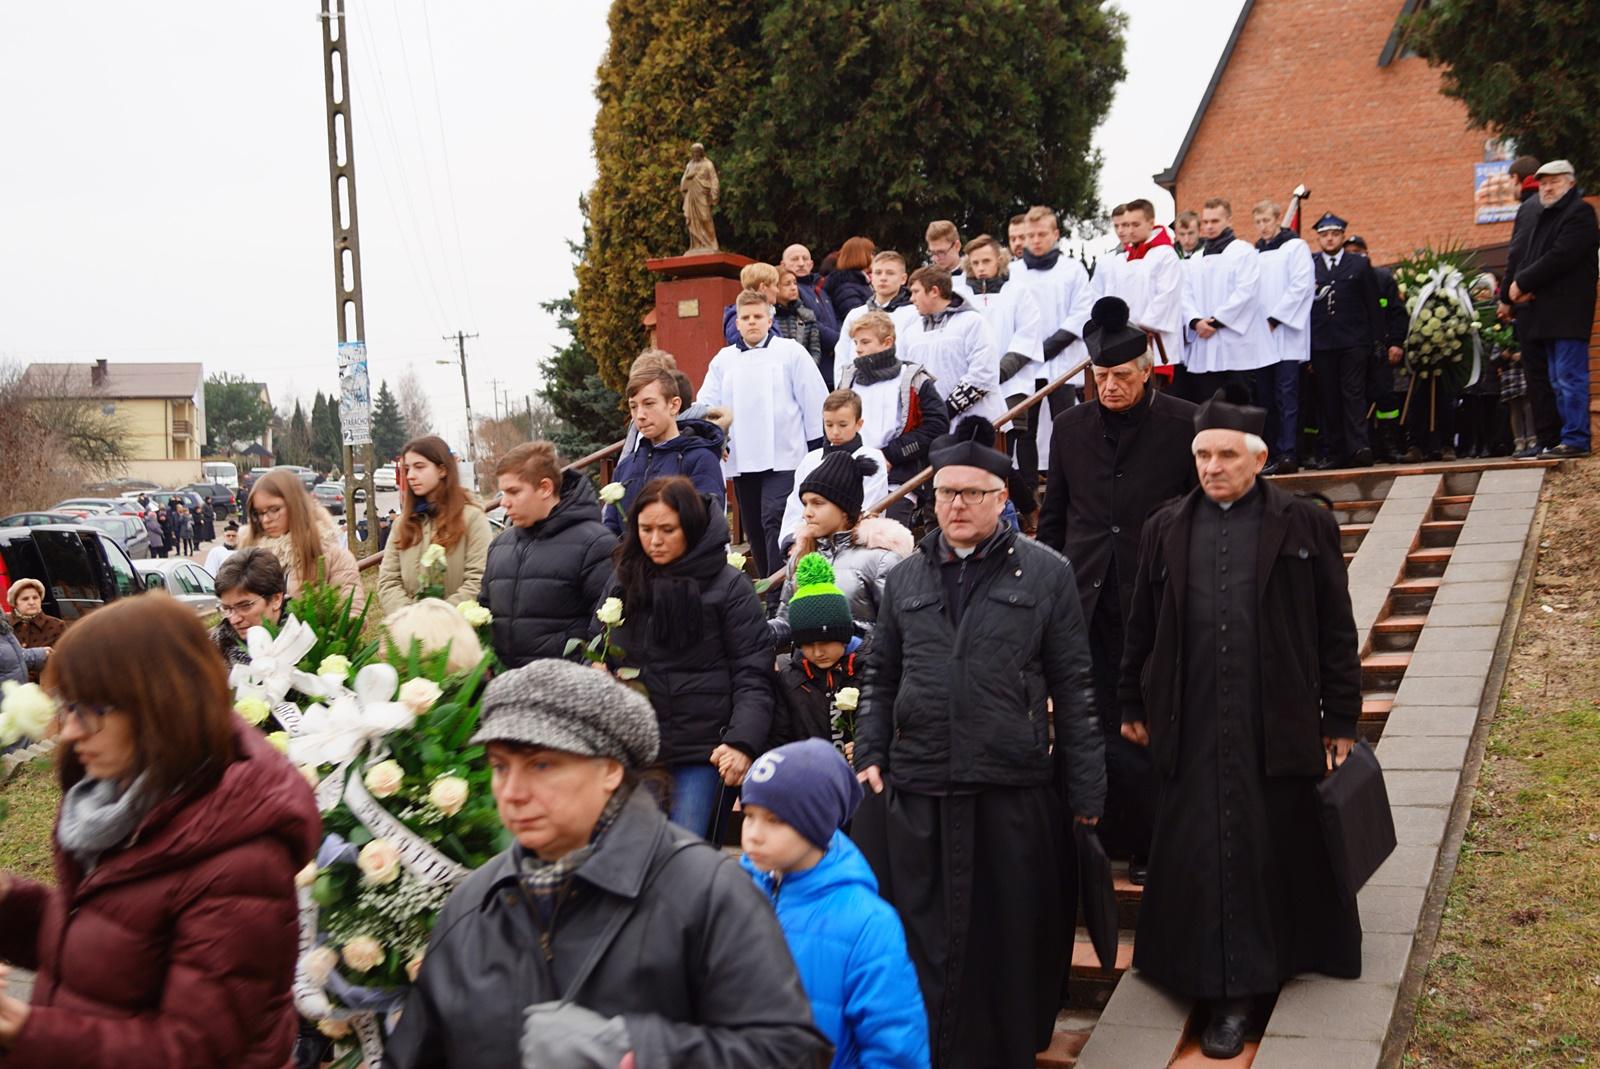 pogrzeb-ks-stanislaw-kusmierczyk-stykow-gmina-brody-DSC02205-f.JPG